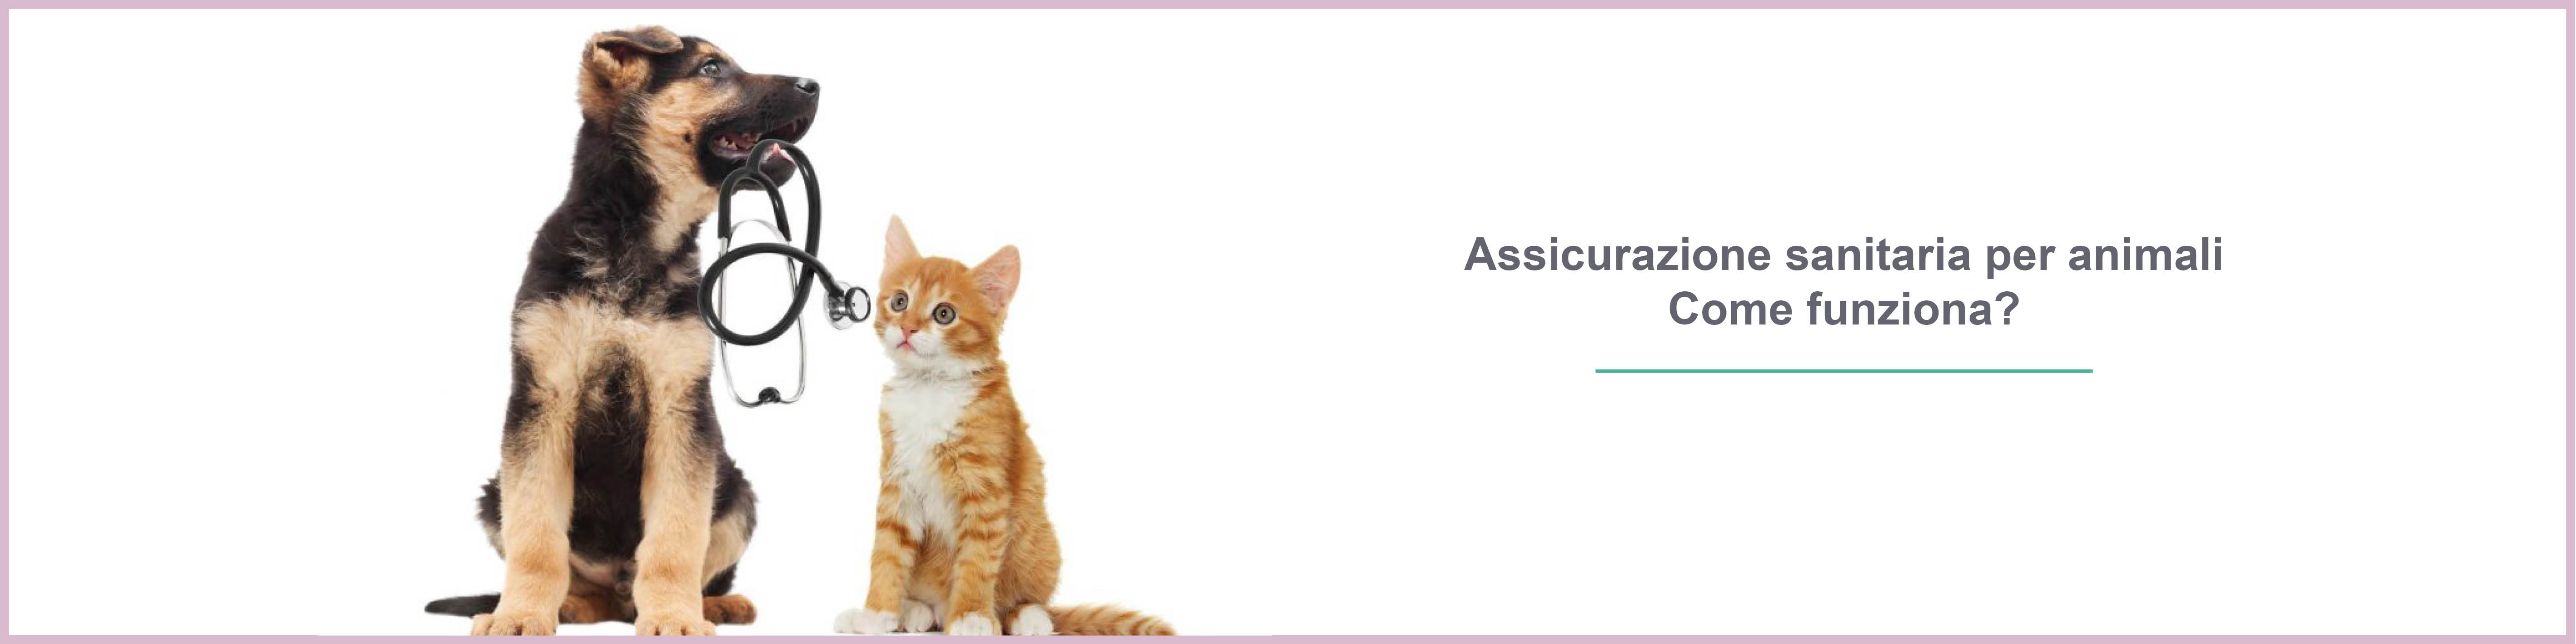 Assicurazione animali domestici, assicurazione spese veterinarie : come funziona ?